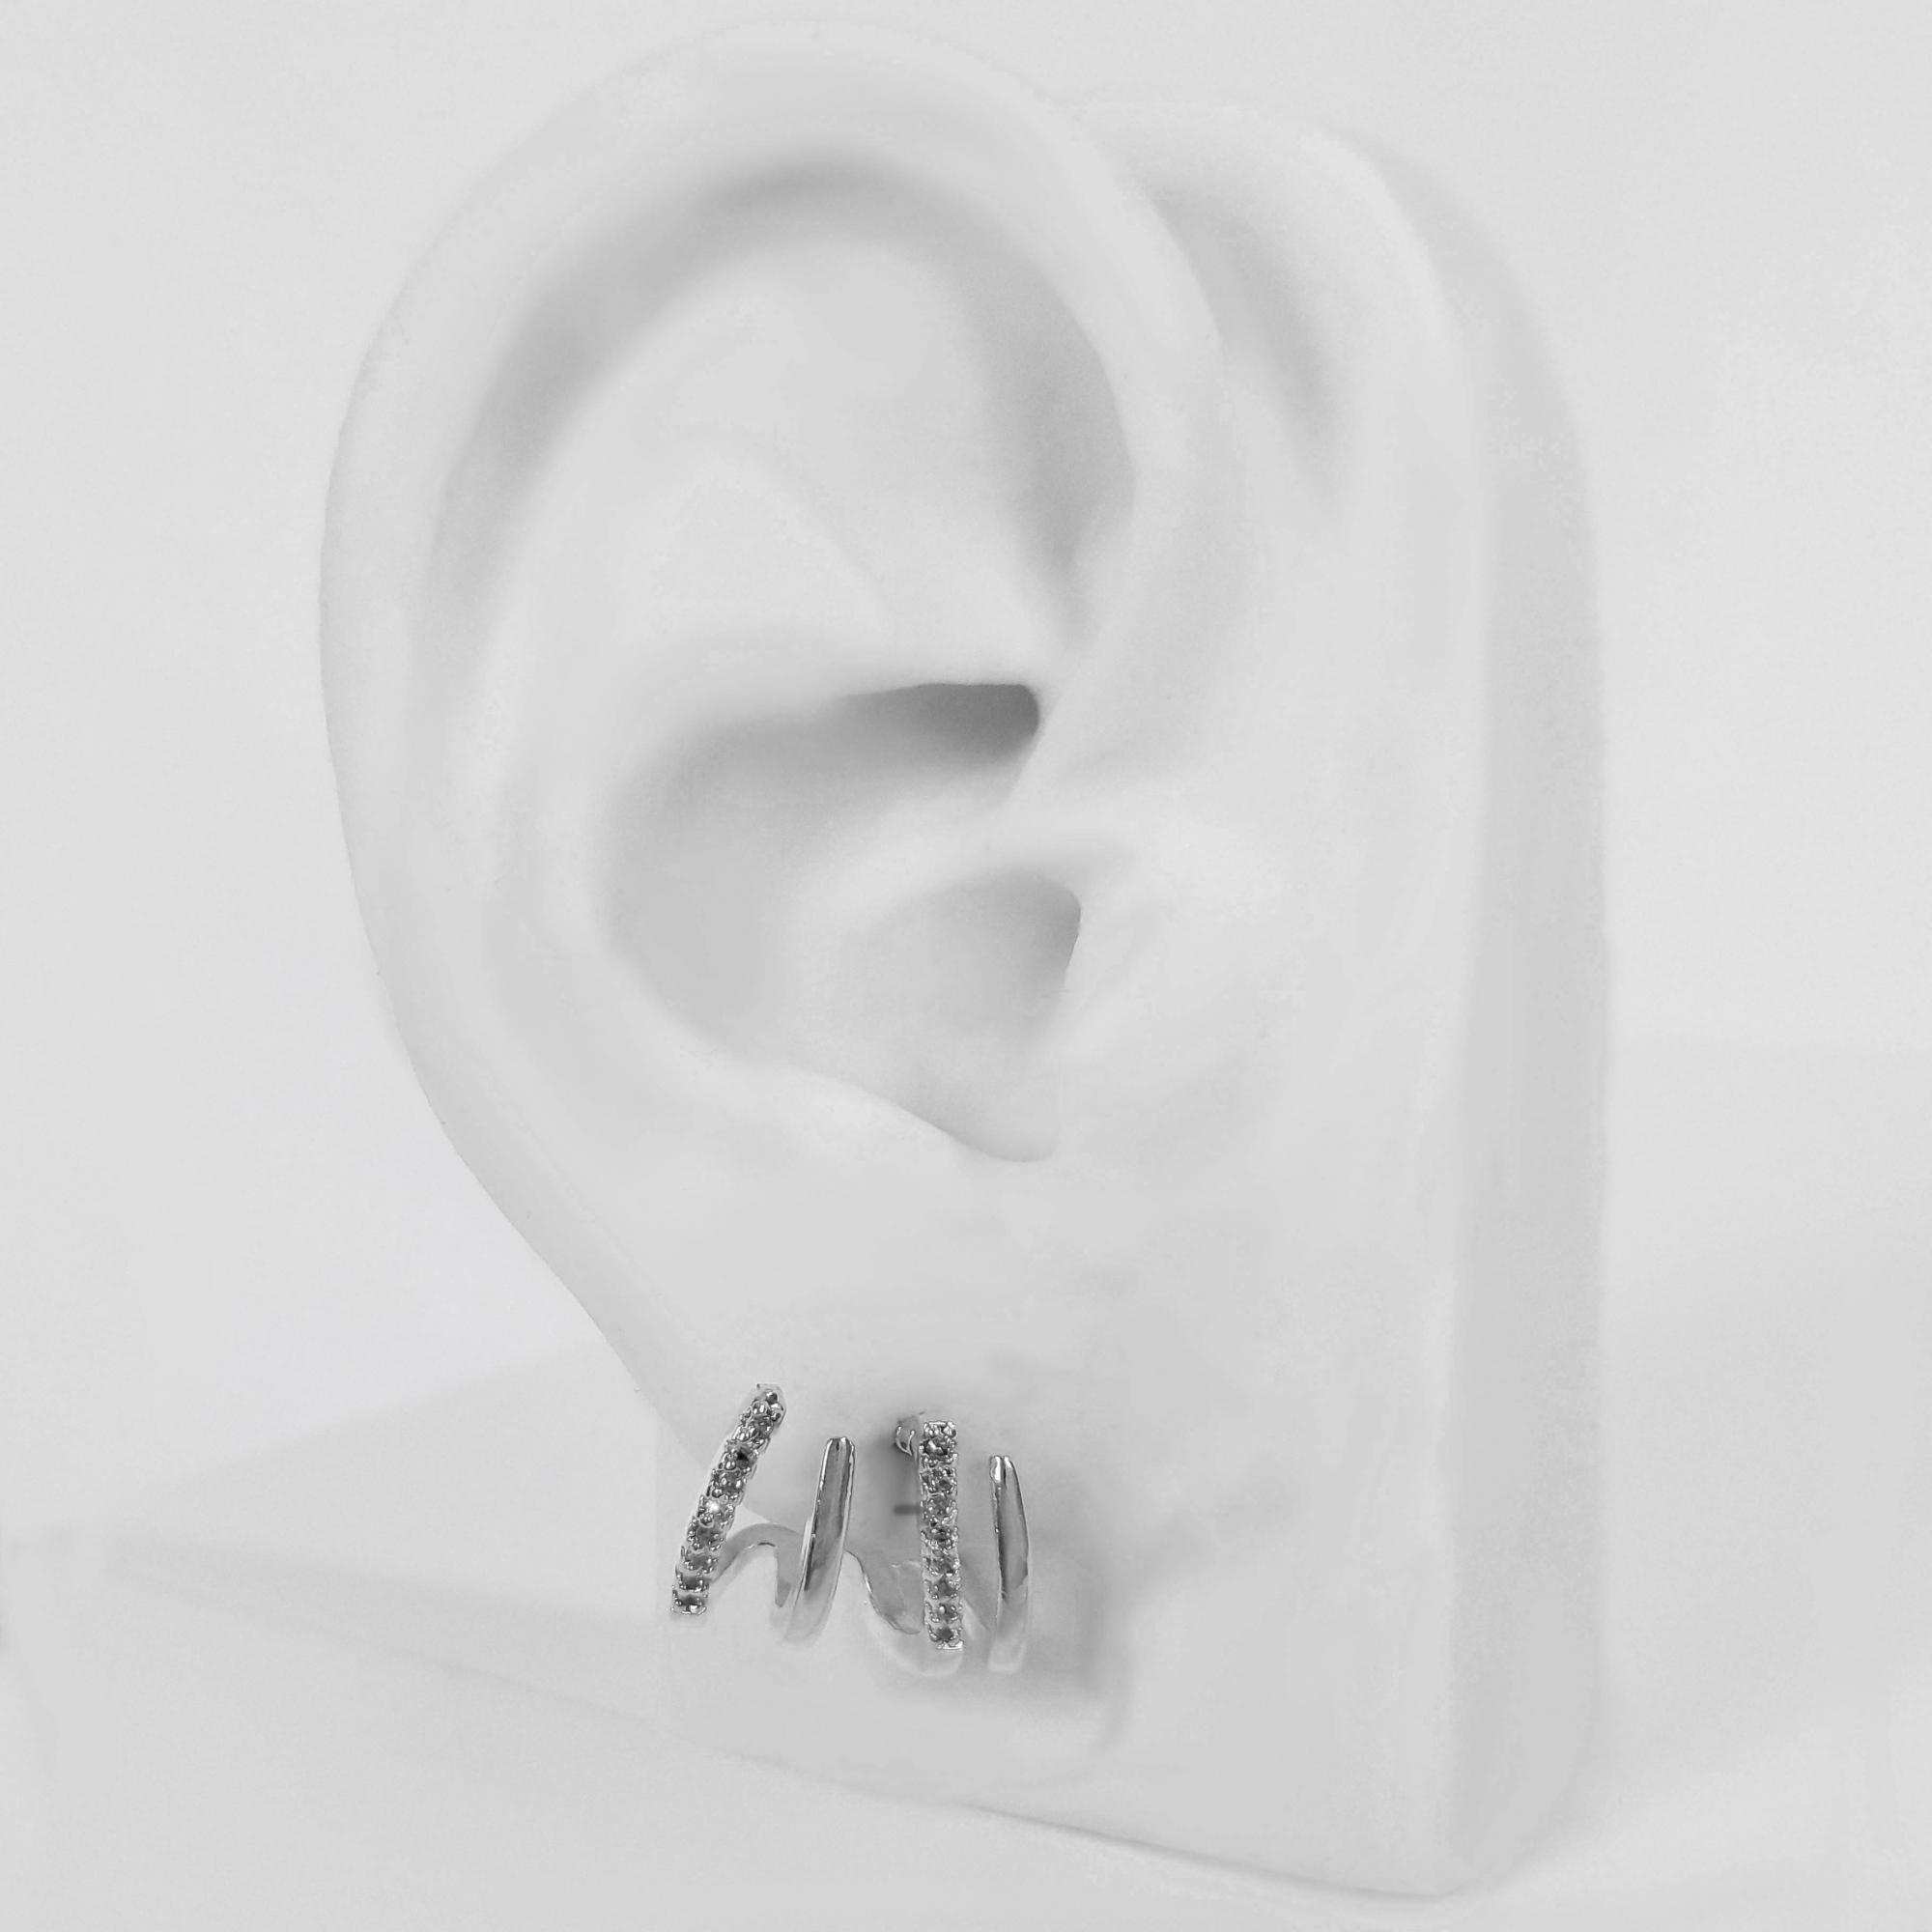 Brinco Ear Cuff 4 Fios com Micro Zircônia Folheado Prata 1000  - Lunozê Joias